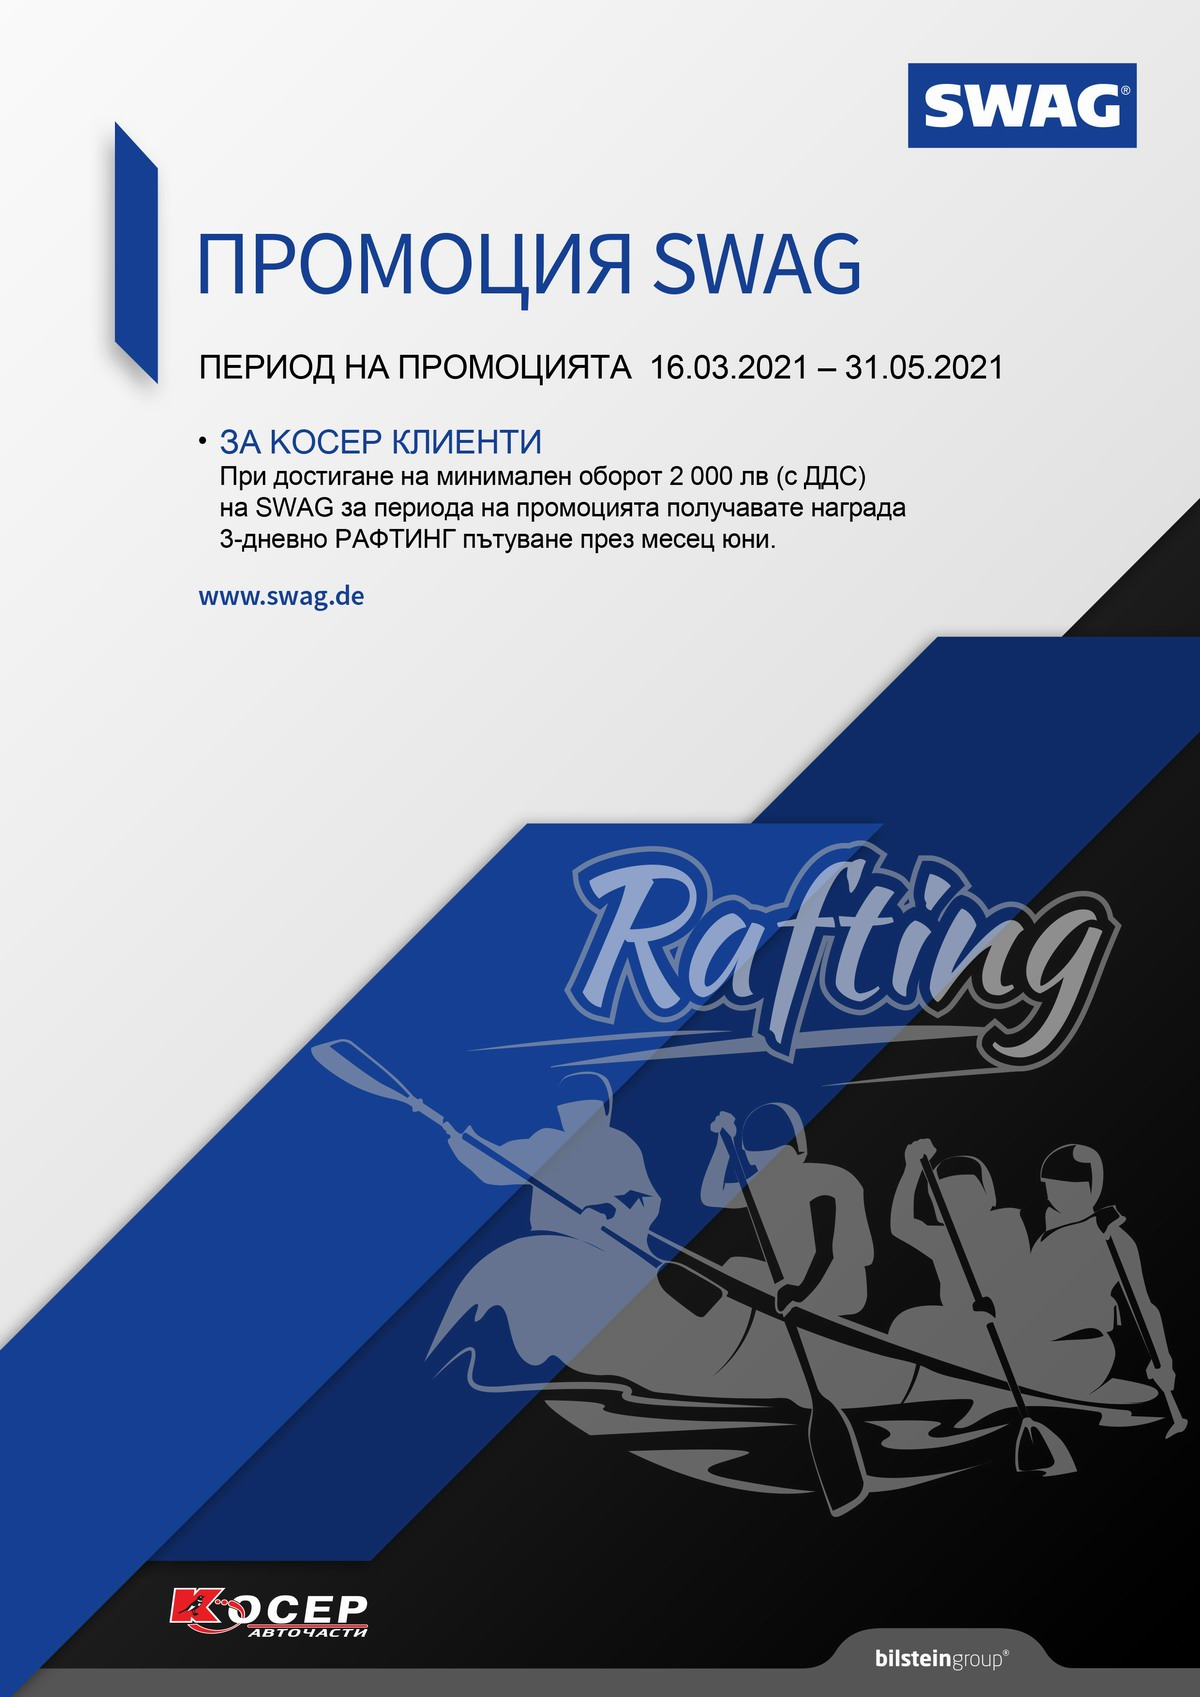 Промоция SWAG, 16.03.2021 - 31.05.2021